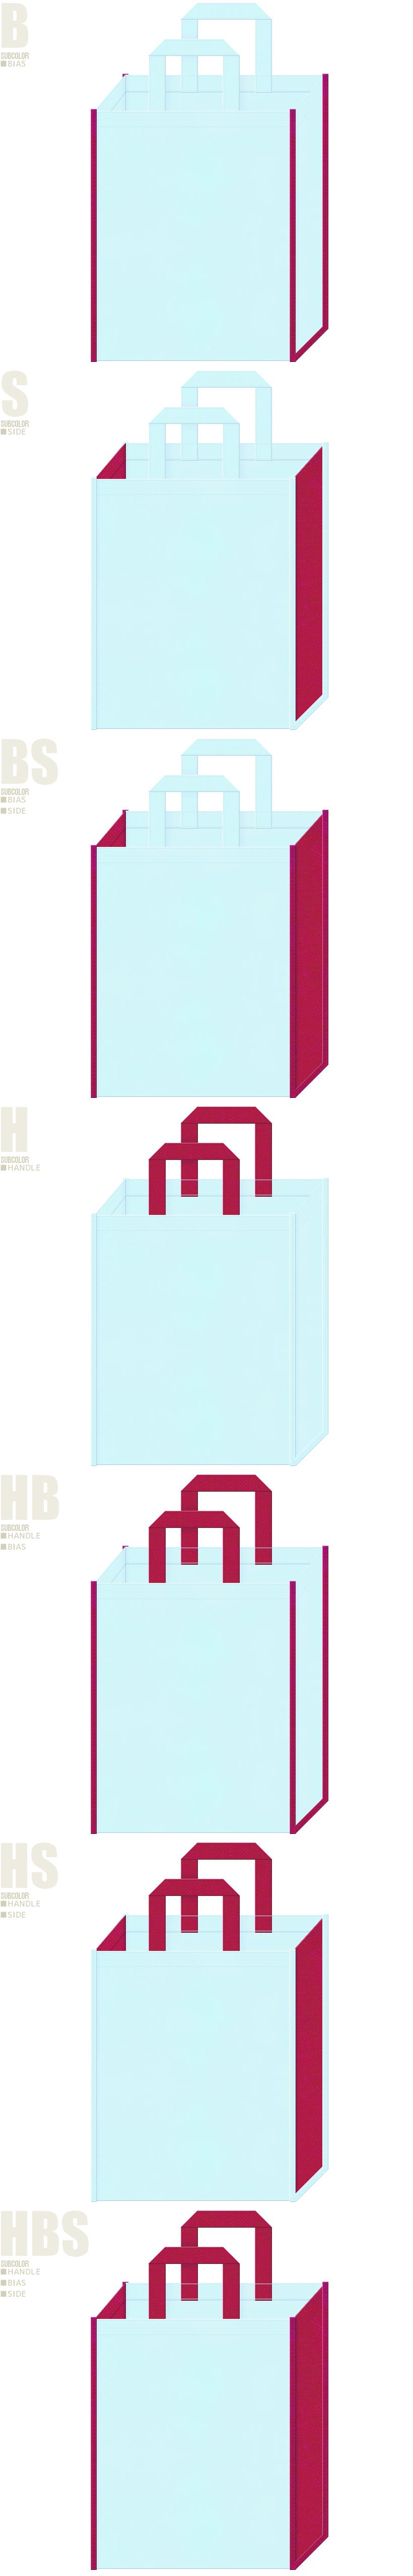 夏浴衣・女王様・人魚・氷いちご・アイスキャンディー・絵本・おとぎ話・ガーリーデザインの不織布バッグにお奨め:水色と濃いピンク色の配色7パターン